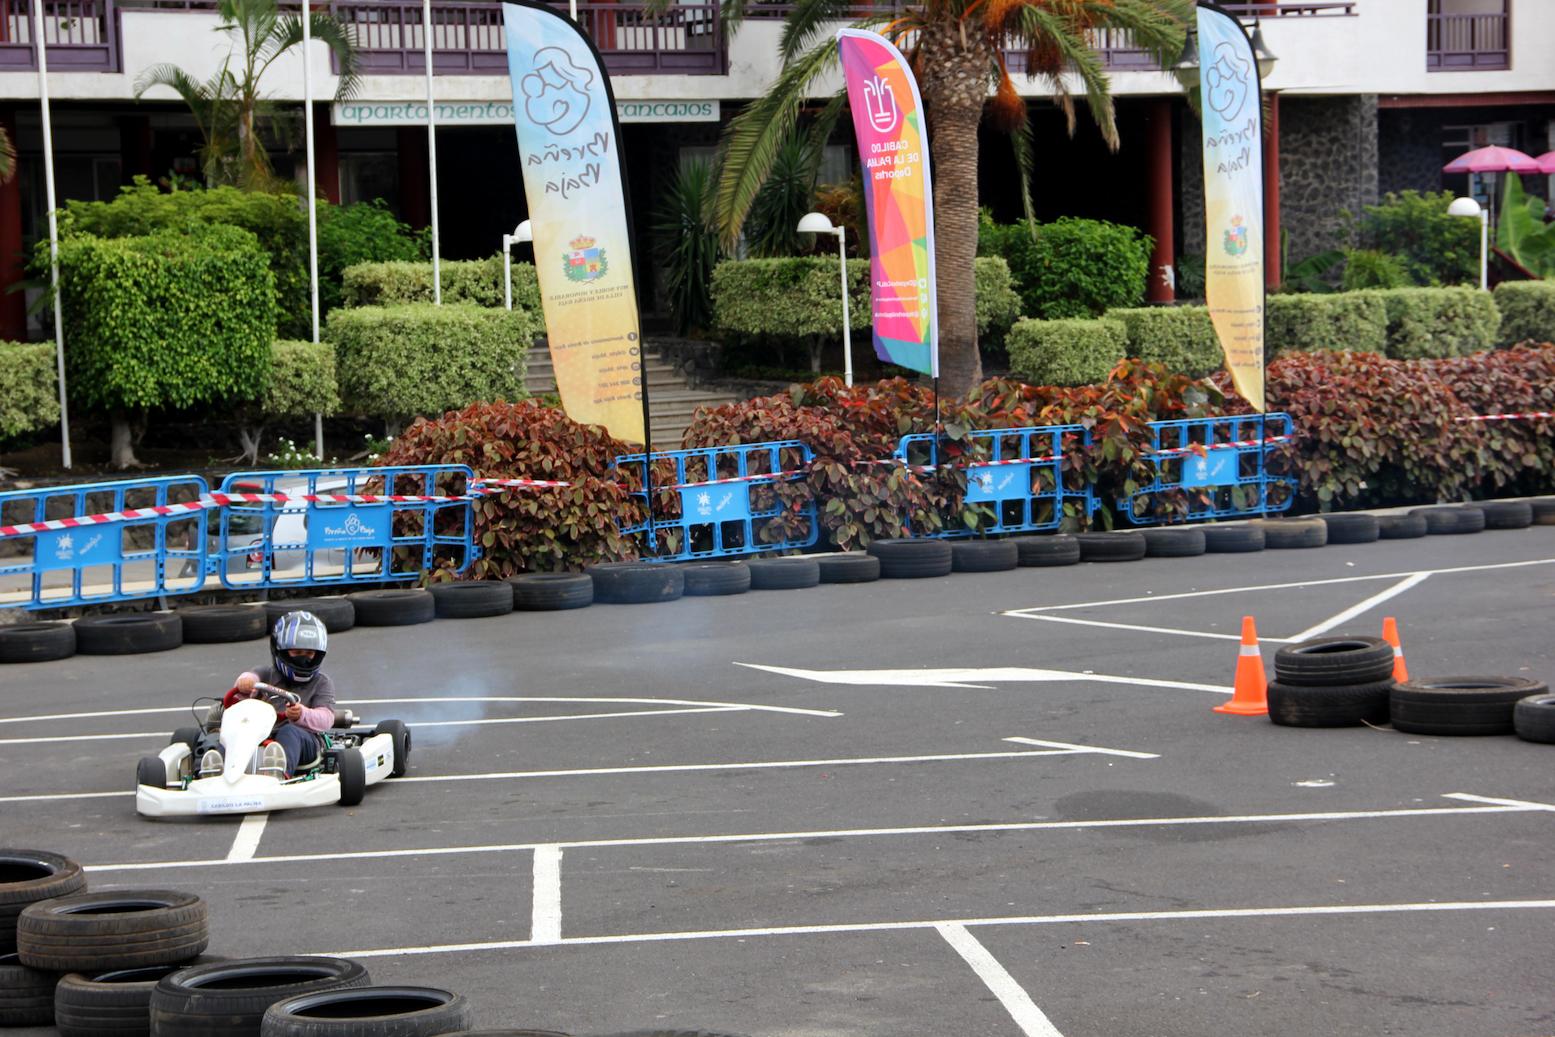 Éxito en el 2º Campus Escuela de Karting La Palma celebrado en Breña Baja